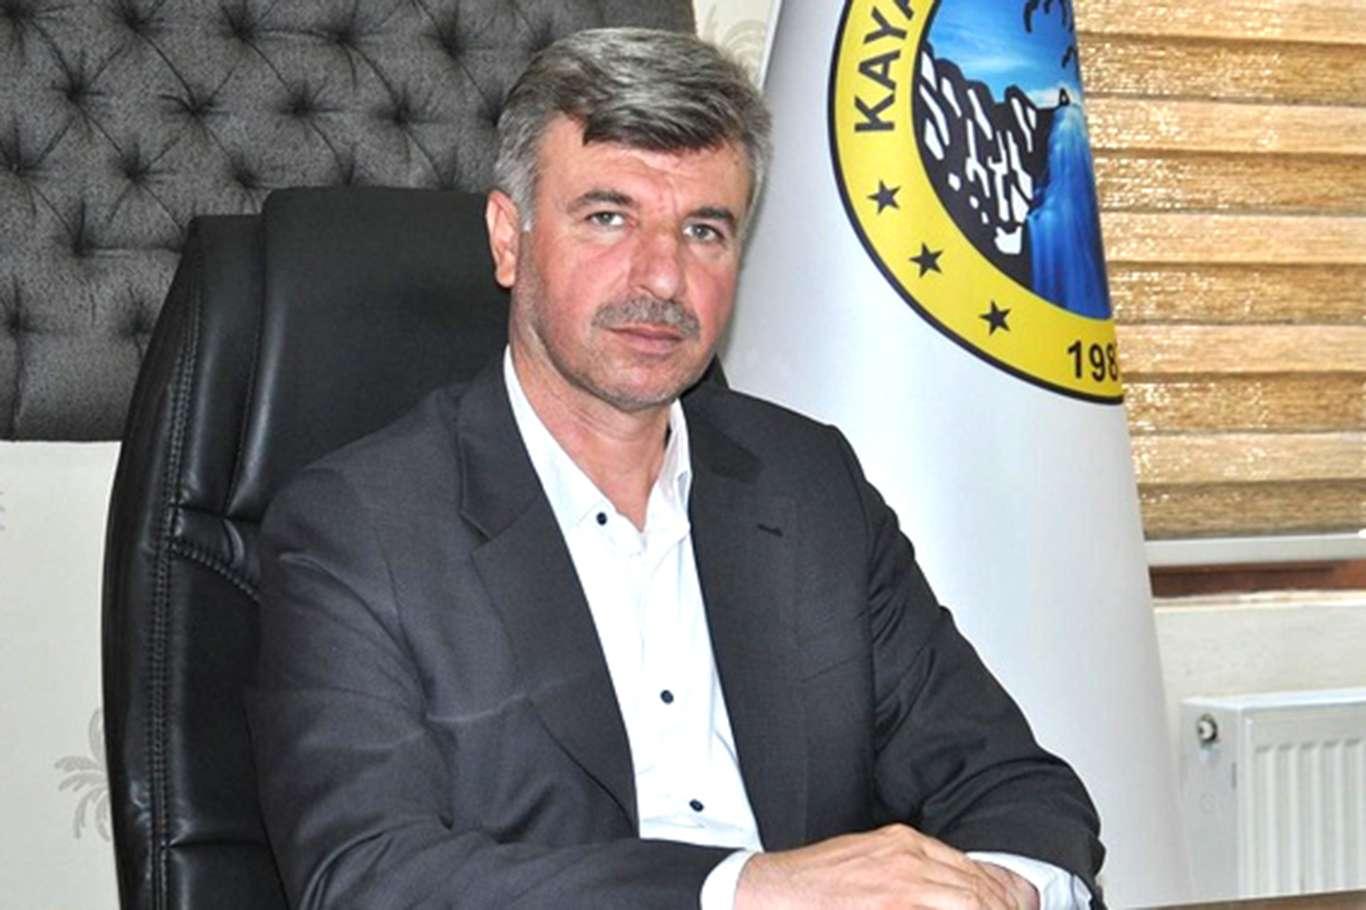 Başkan Özhan'dan 19 Ekim Muhtarlar Günü mesajı